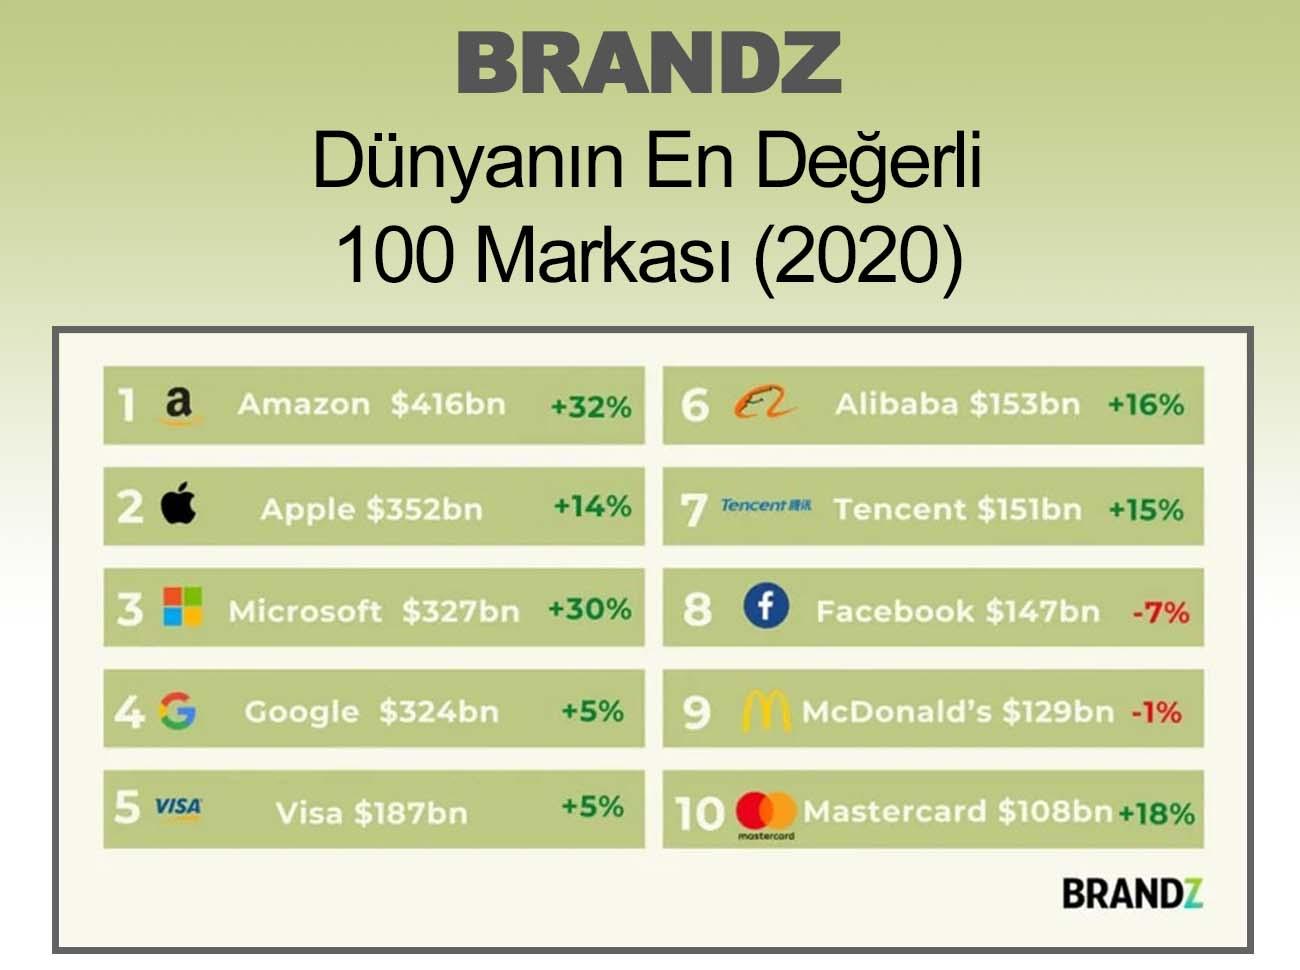 Dünyanın En Değerli 100 Markası (2020)